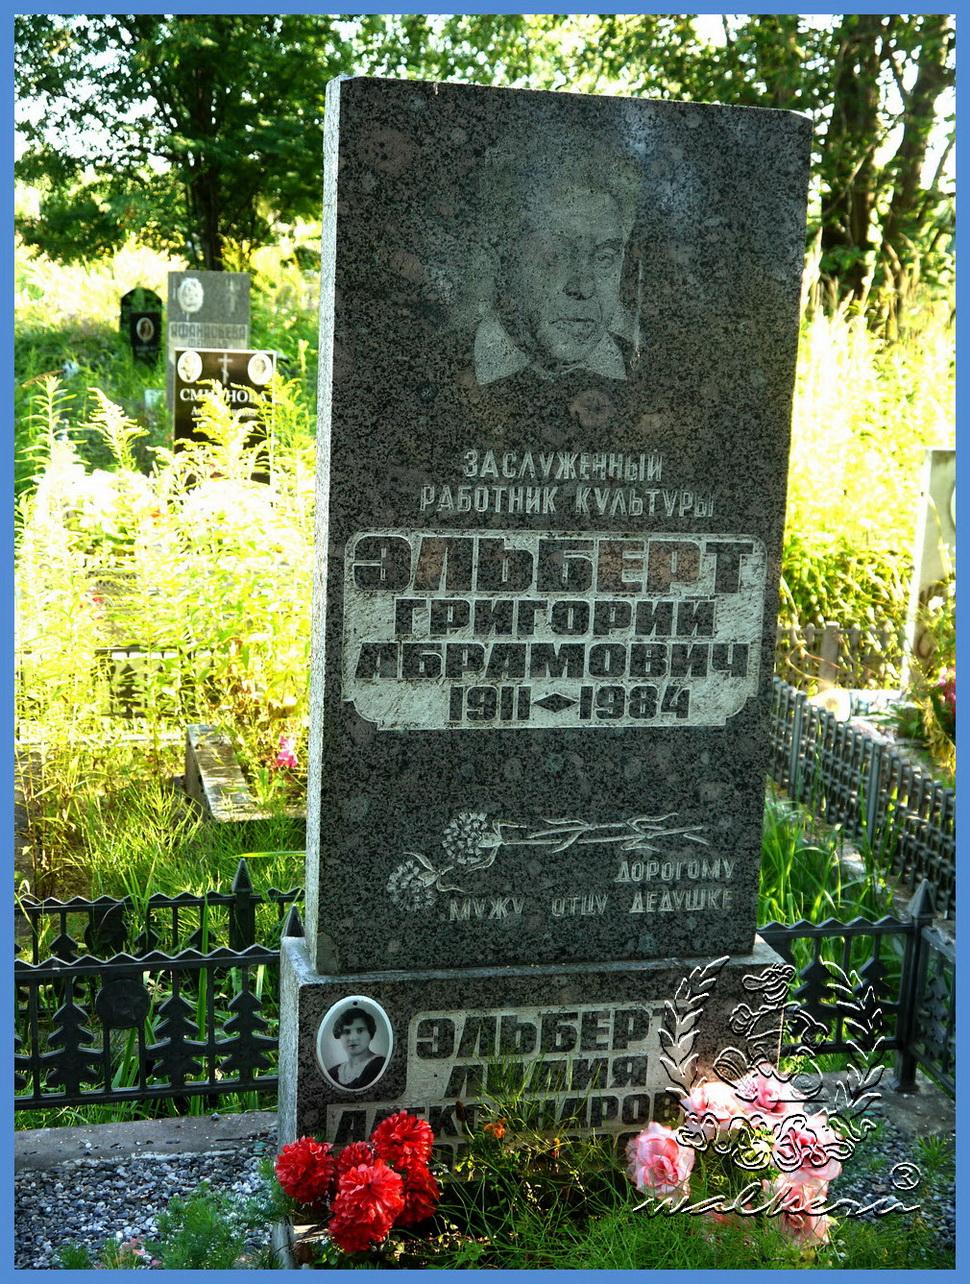 Ковалёвске кладбище